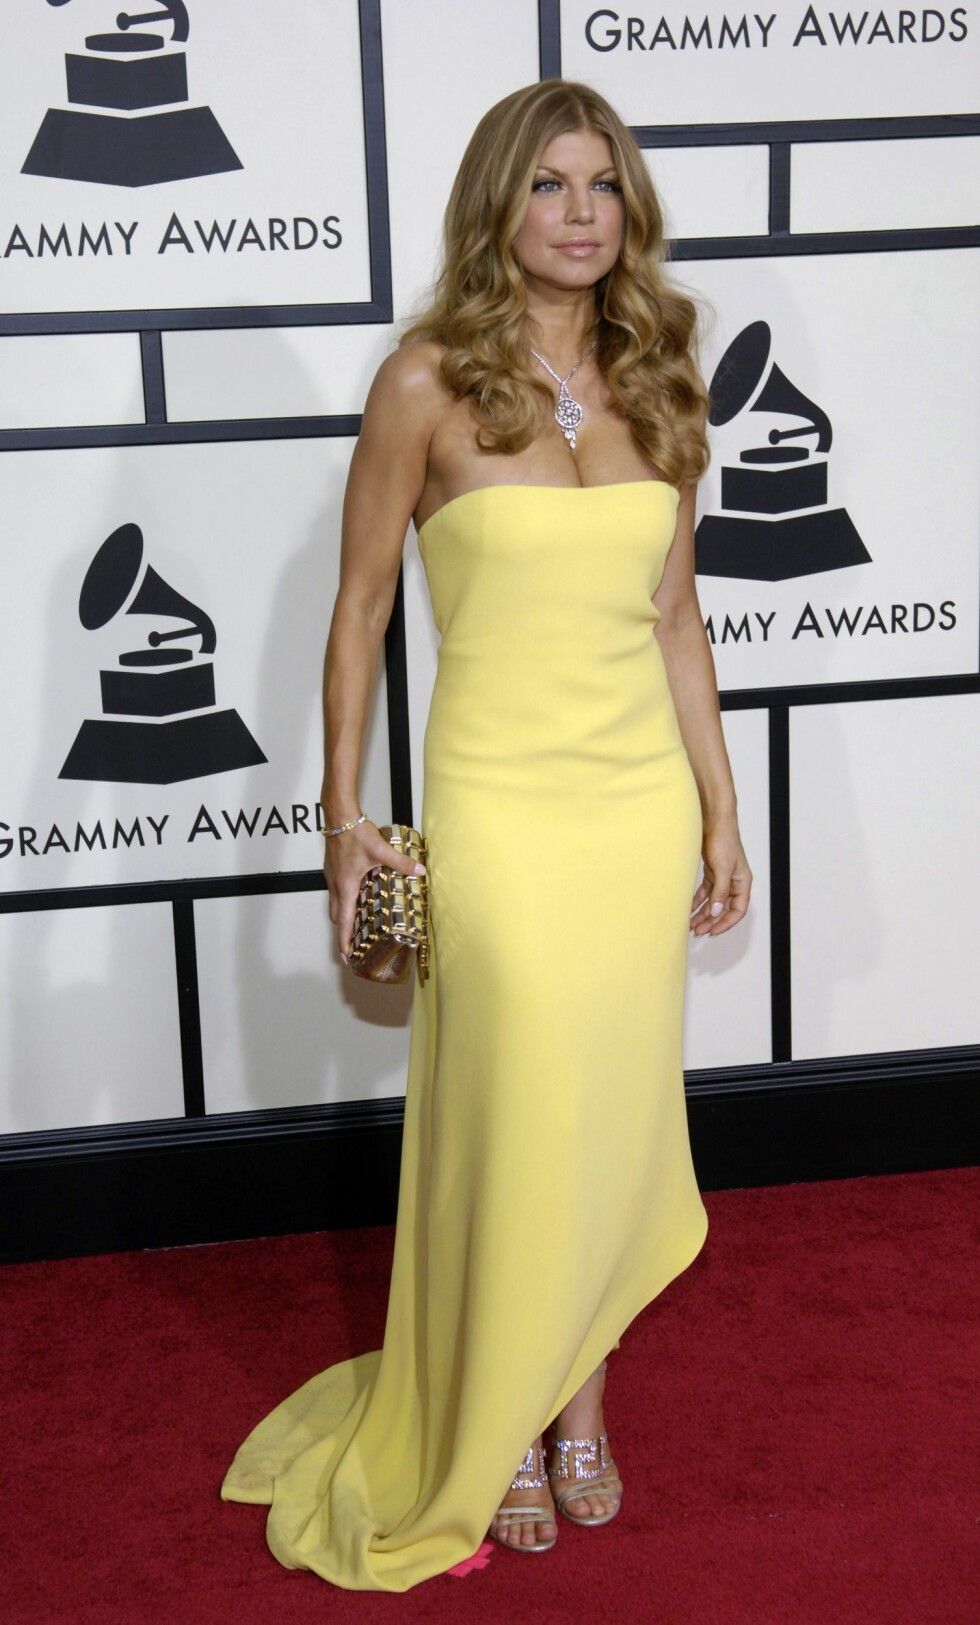 FERGIE: Den amerikanske artisten Fergie stilte i en kledelig dusgul kreasjon under Grammy-utdelingen i 2008. Hun var en av de som også opptrådde under showet. Foto: NTB Scanpix